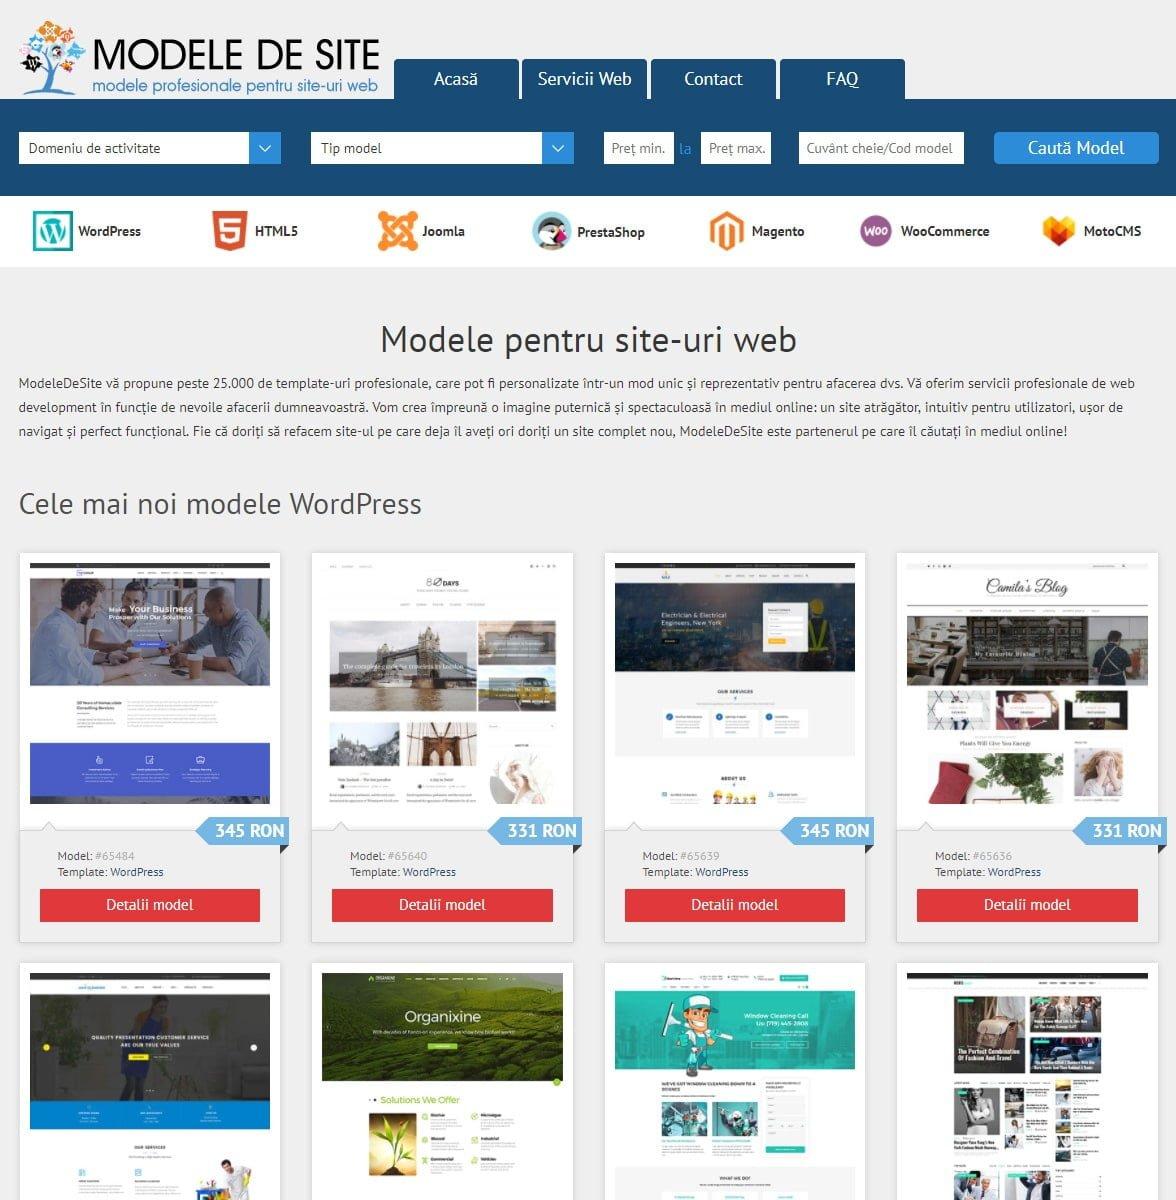 Modele de site